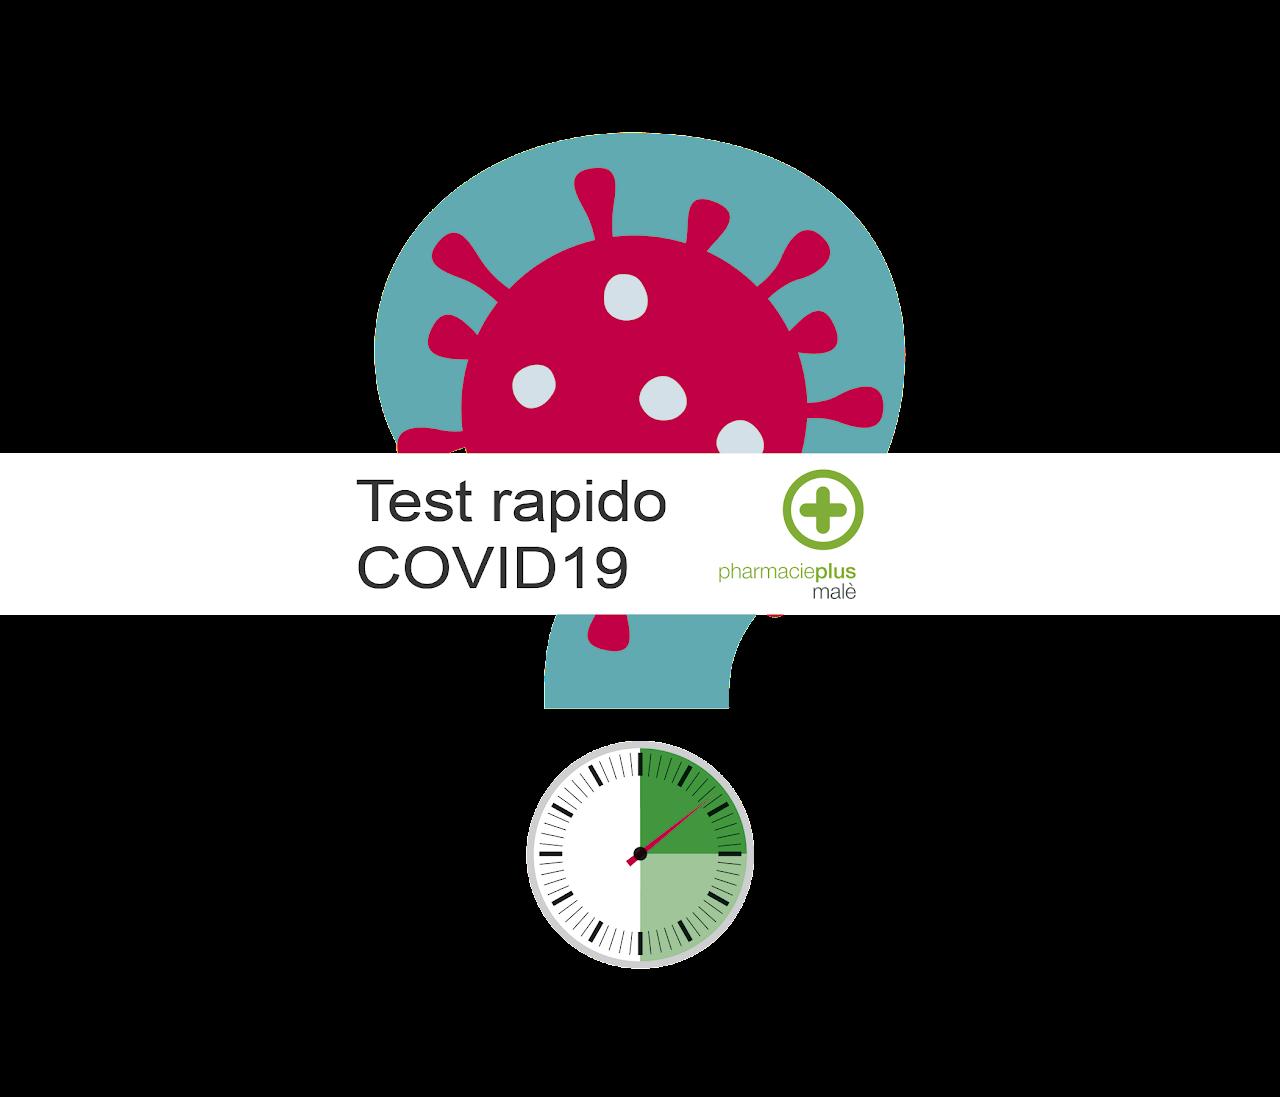 Test rapido COVID19 farmacia malè Bellinzona